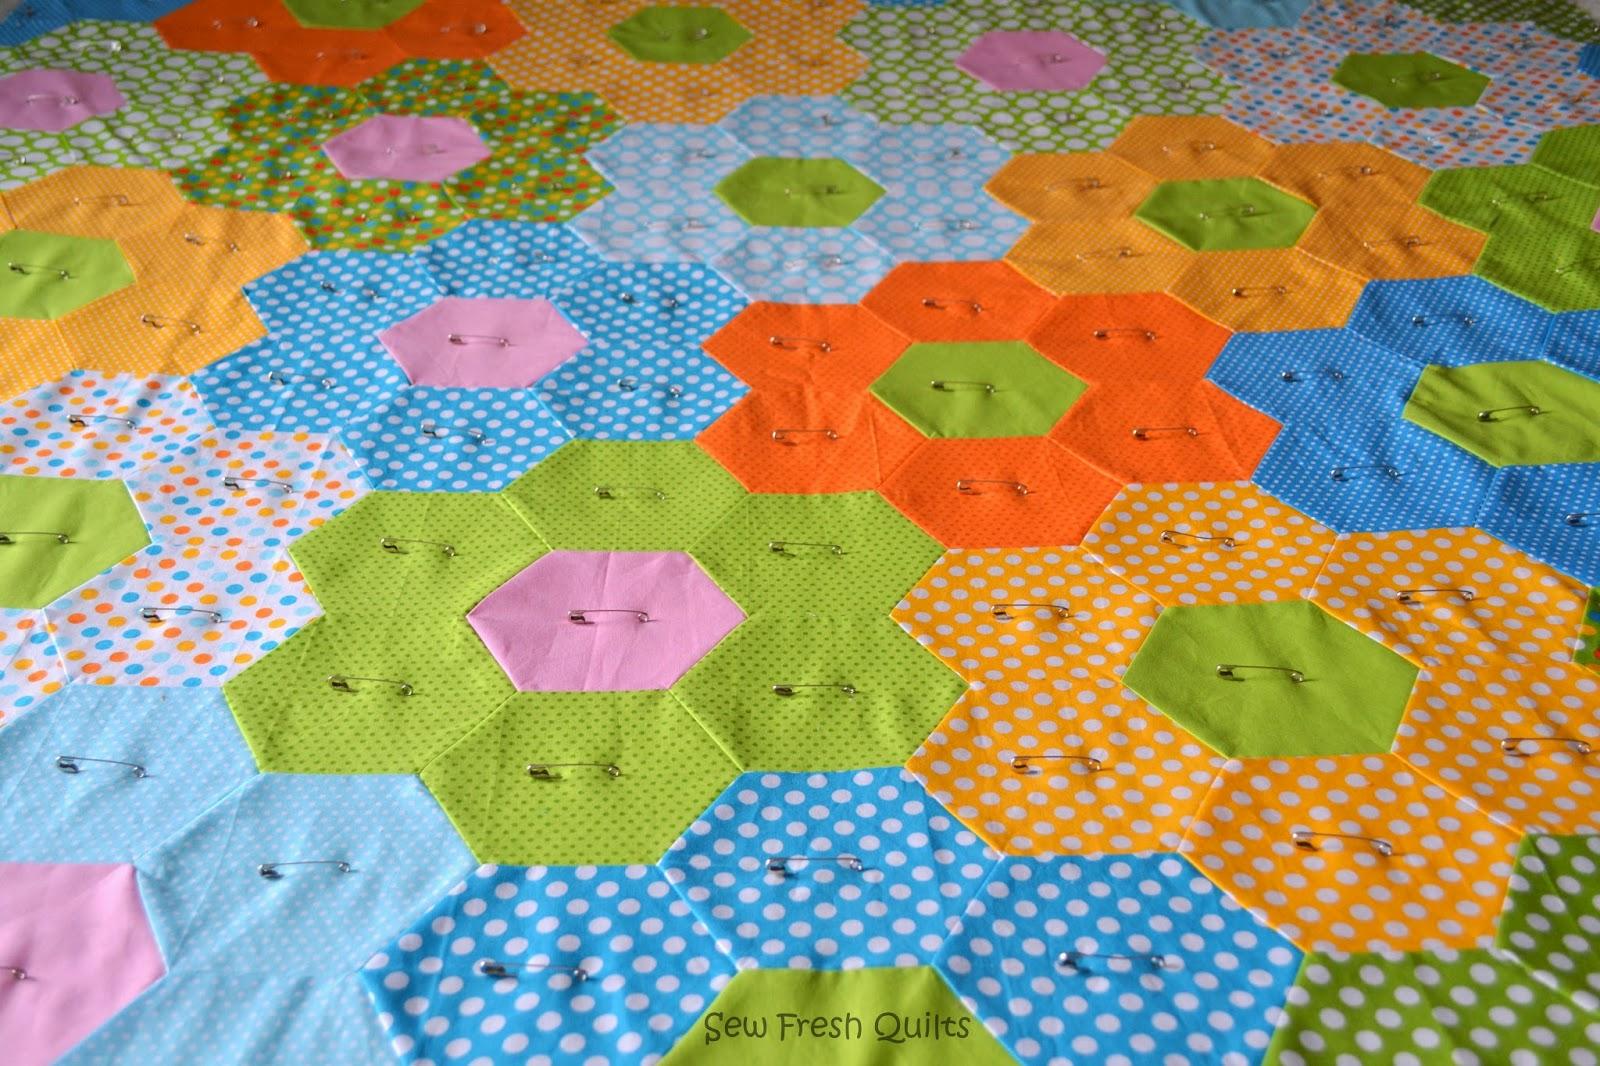 Sew Fresh Quilts Hexagon Quilt